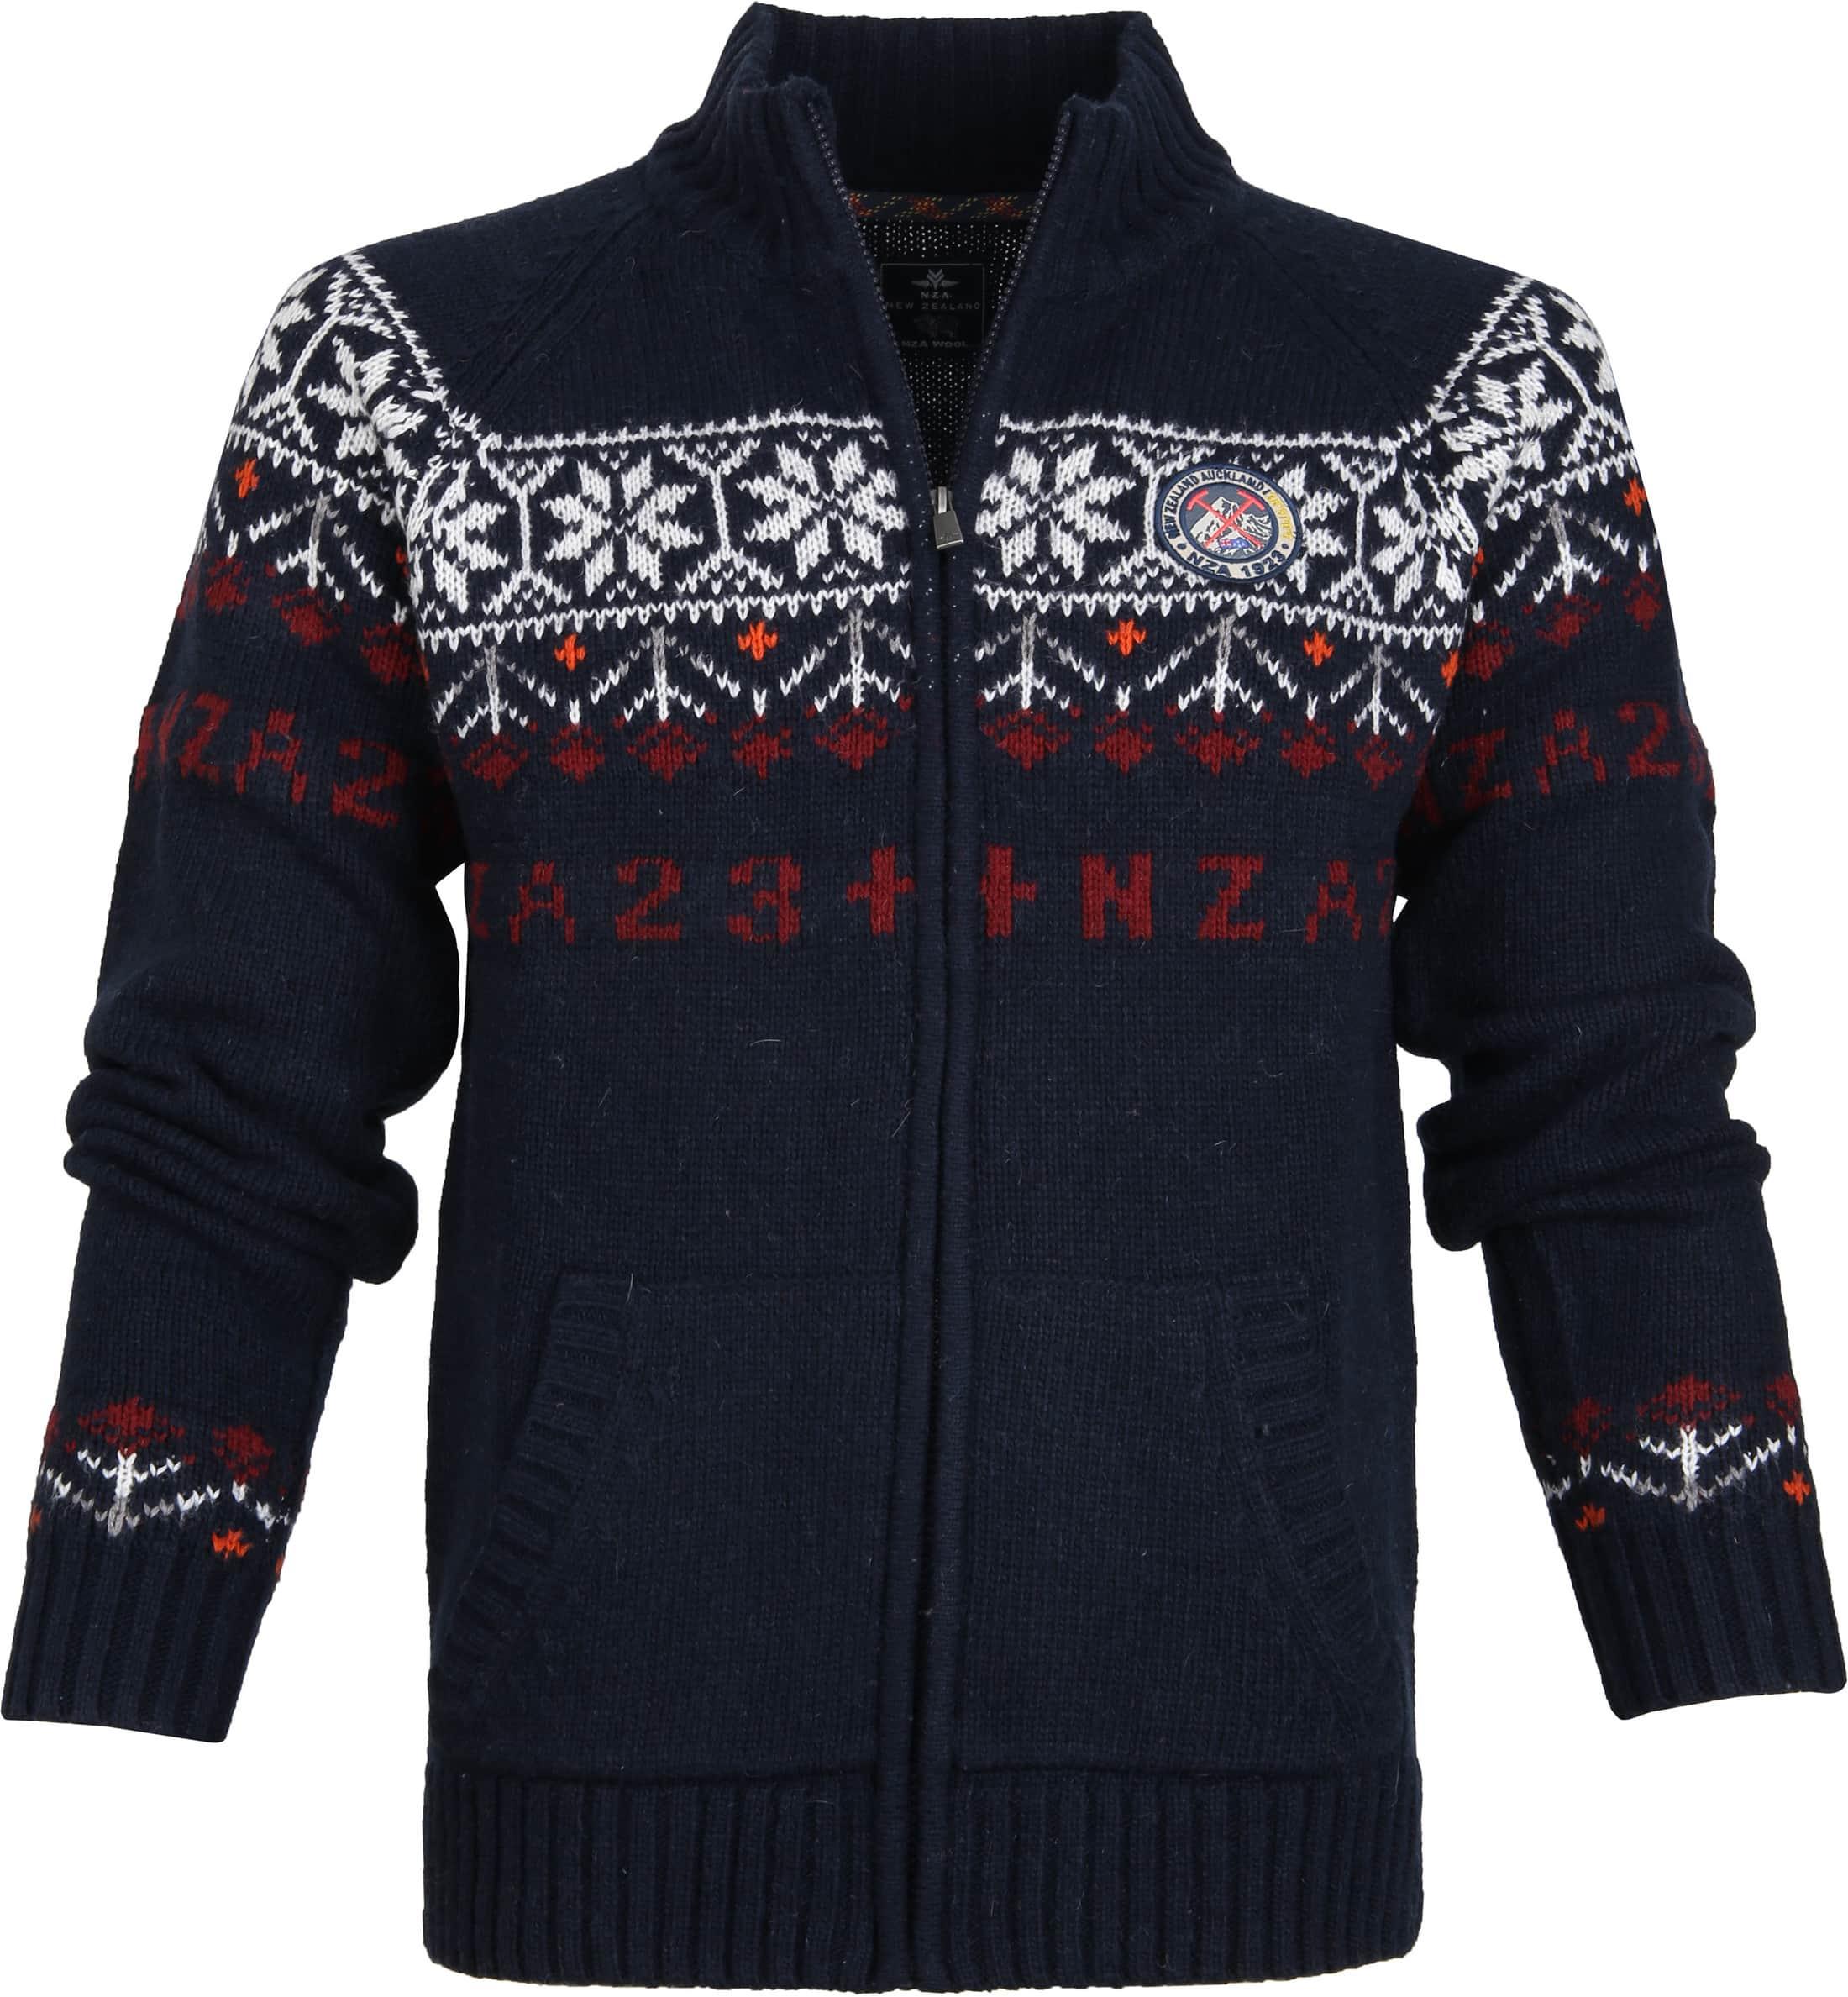 NZA NEW ZEALAND Auckland Sweatjacke Cardigan blau Gr. XXL